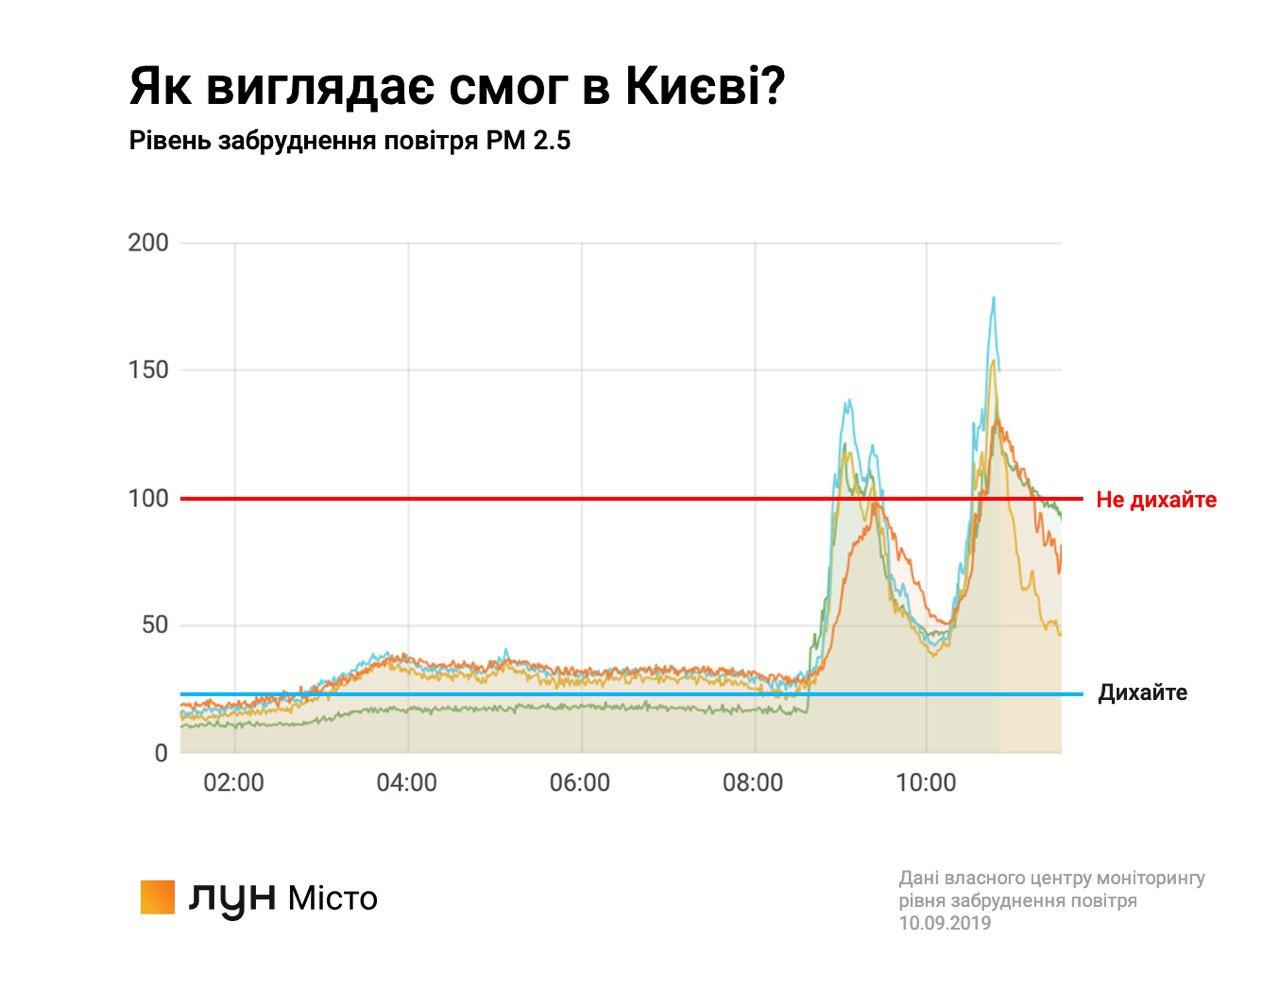 Данные за 10 сентября говорят о том, что показатель загрязнения воздуха высокий уже не первый день